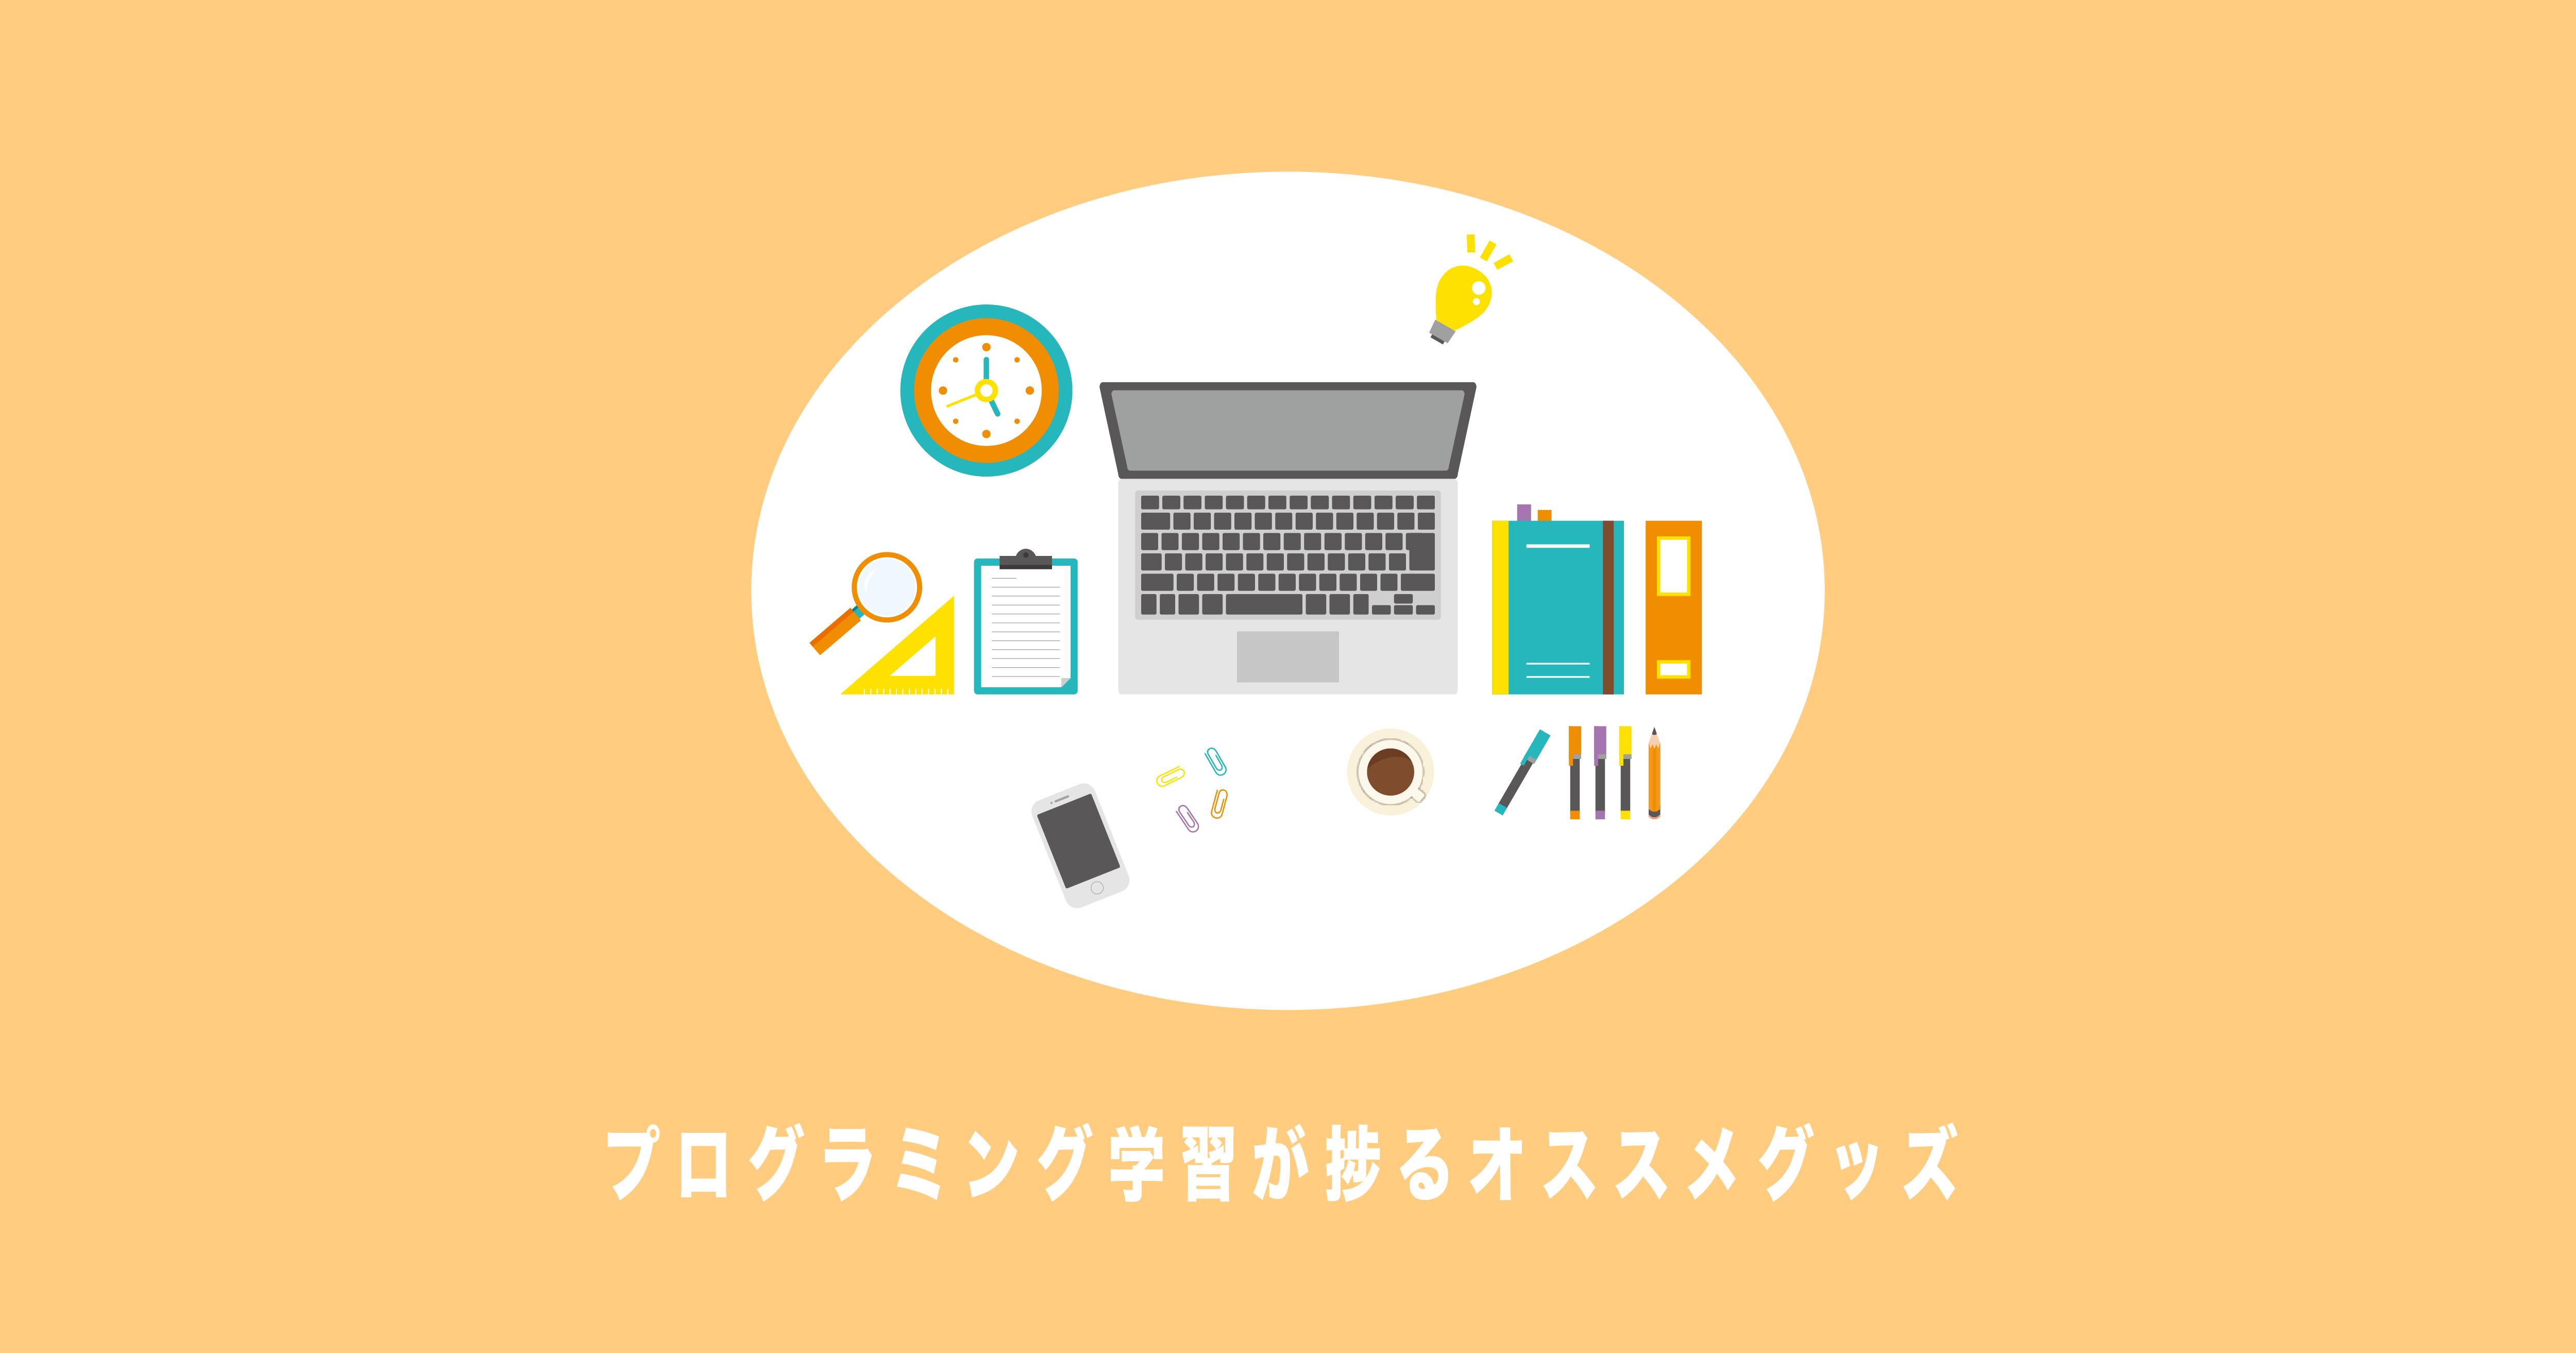 プログラミング学習が捗るオススメグッズ (1)